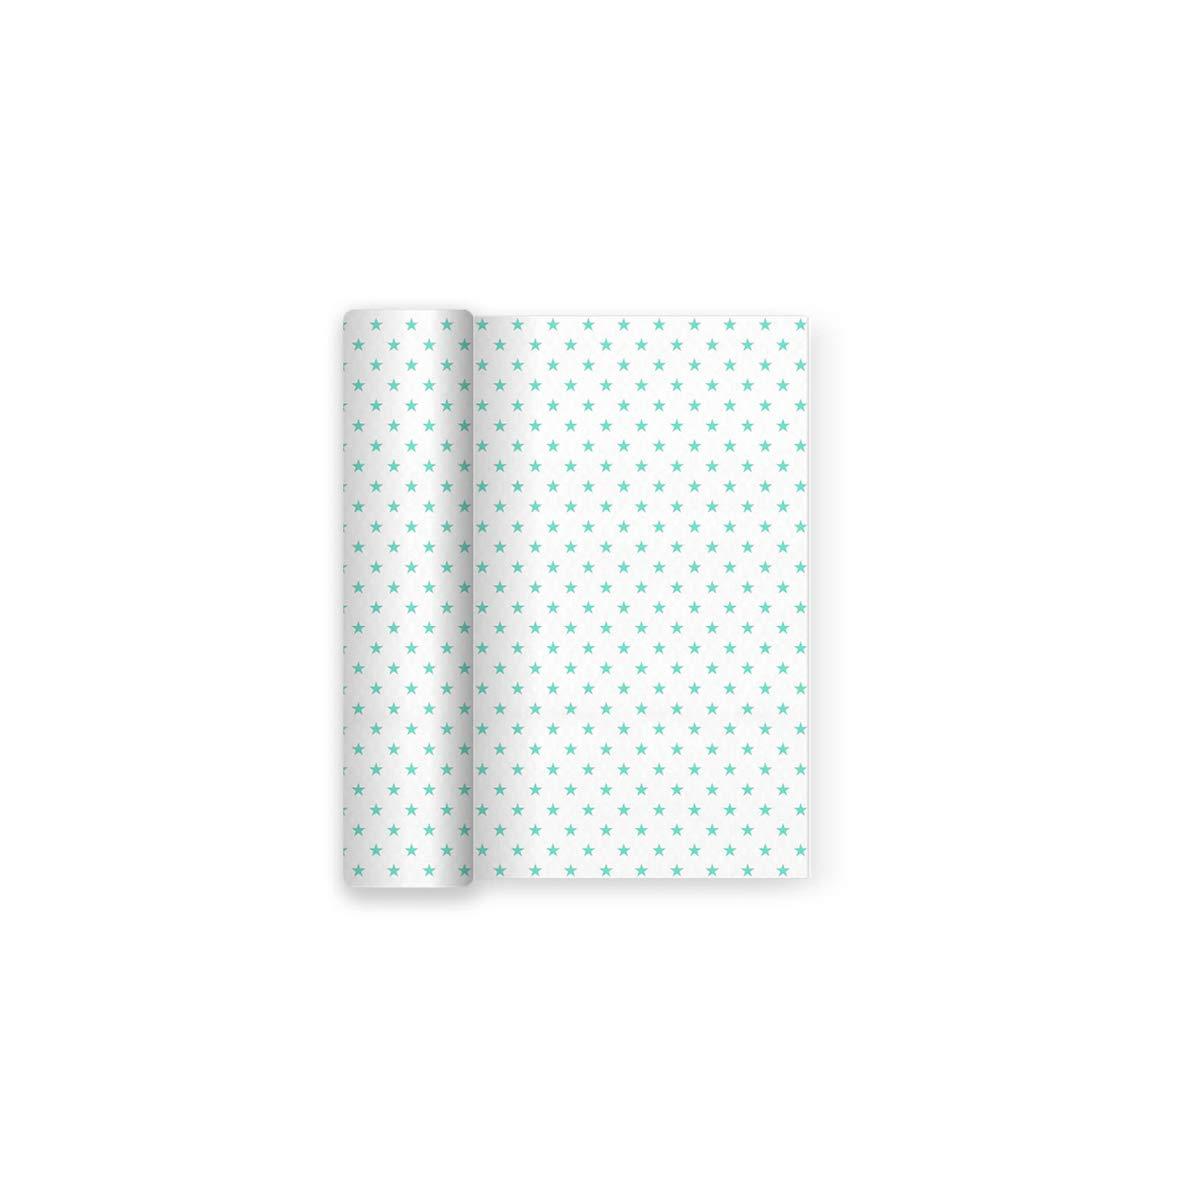 1,2 x 5 m Ideale per Feste per Bambini Maxi Products Tovaglia di Carta per Feste Bianche con Decorazioni a Stella Aquamarina comunioni o Battesimi Aqua docce per Bambini Compleanni